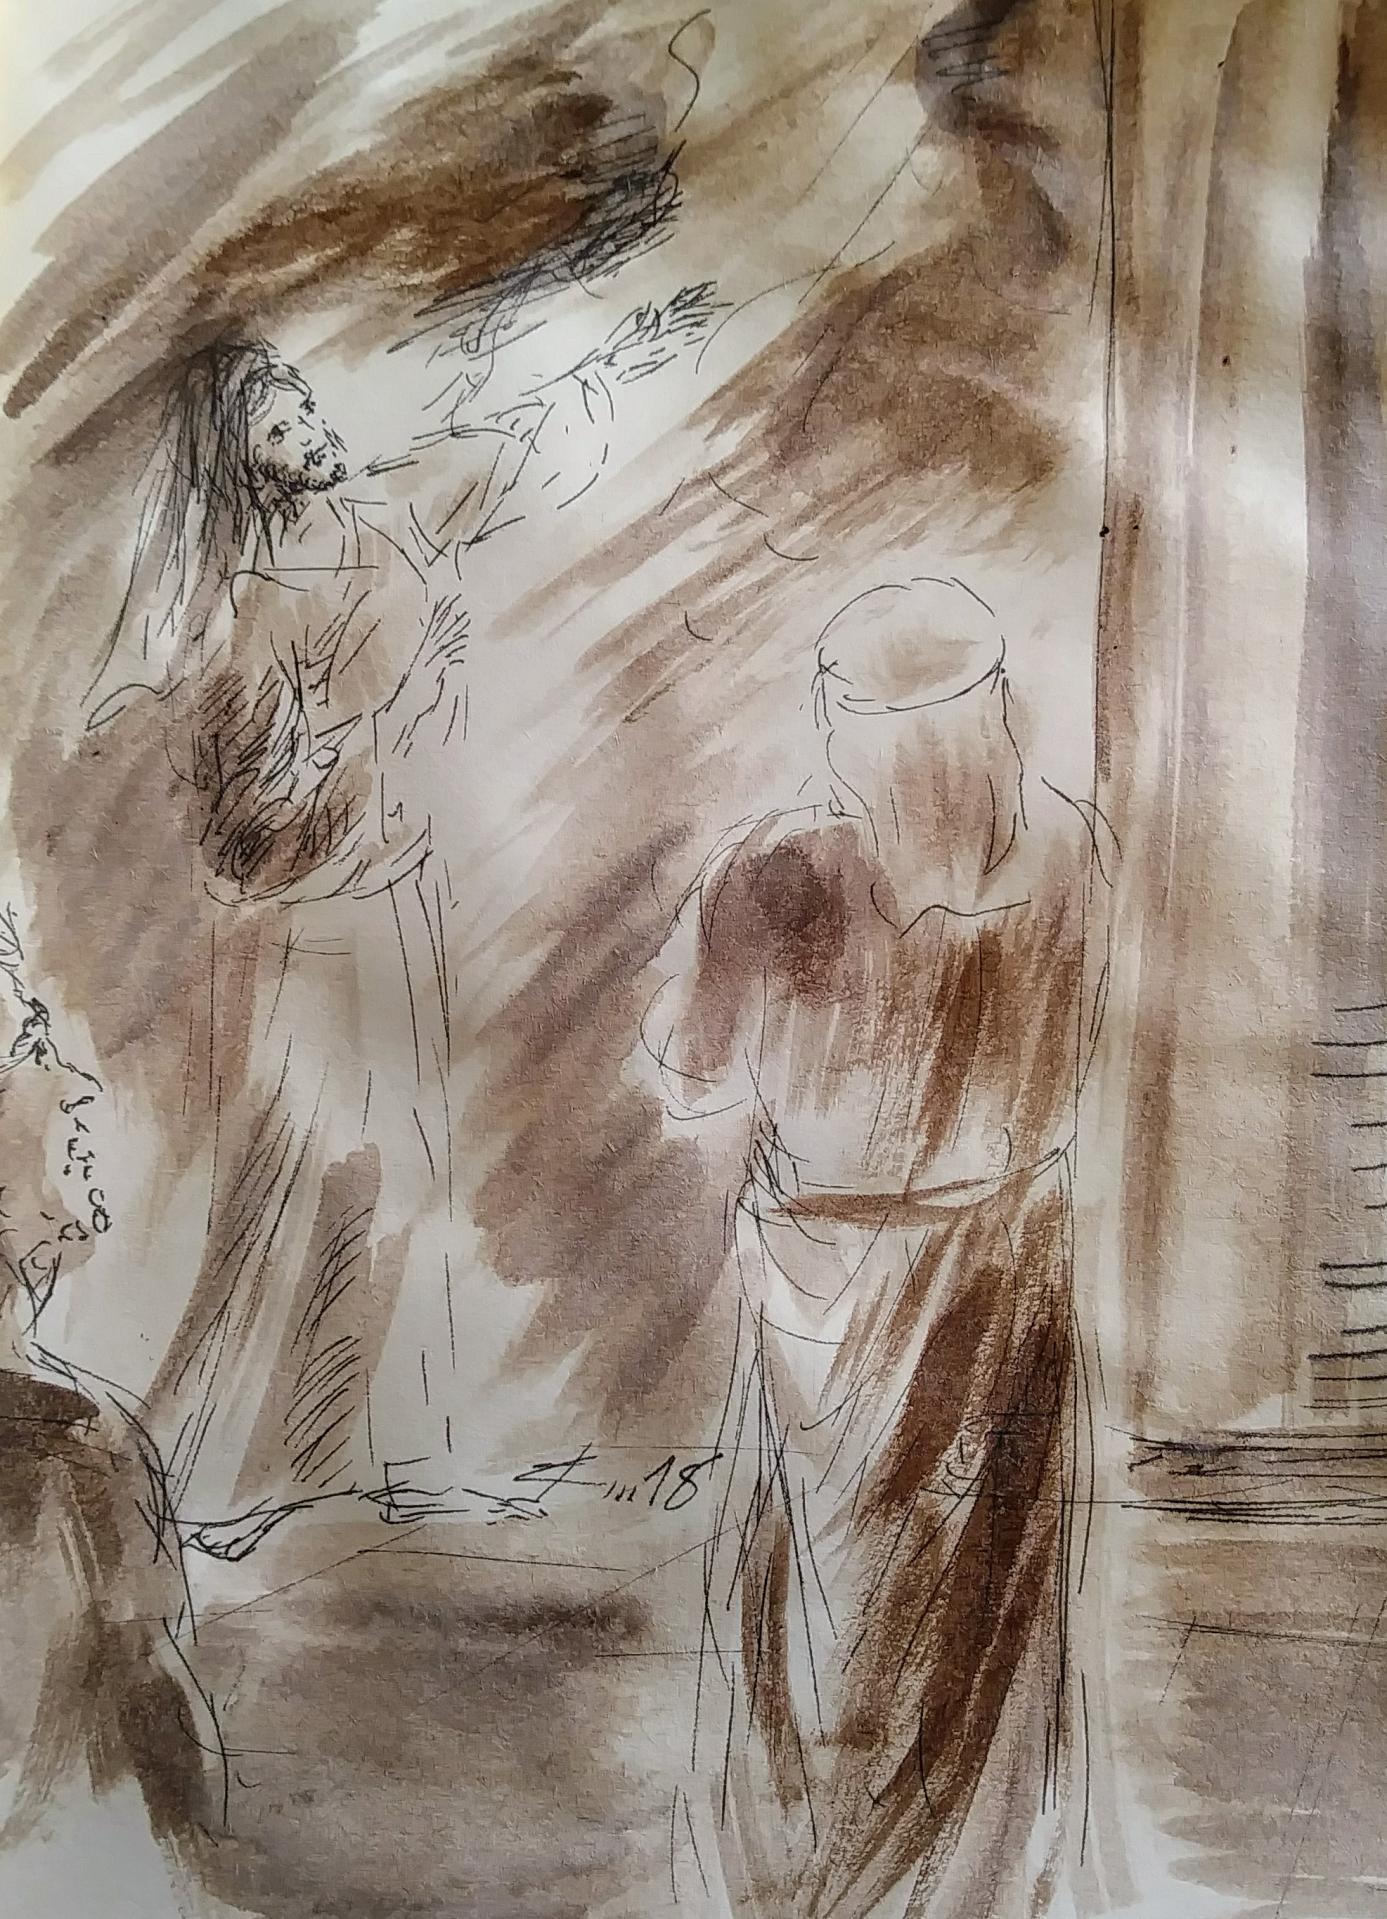 14 Mars, évangile du jour illustré